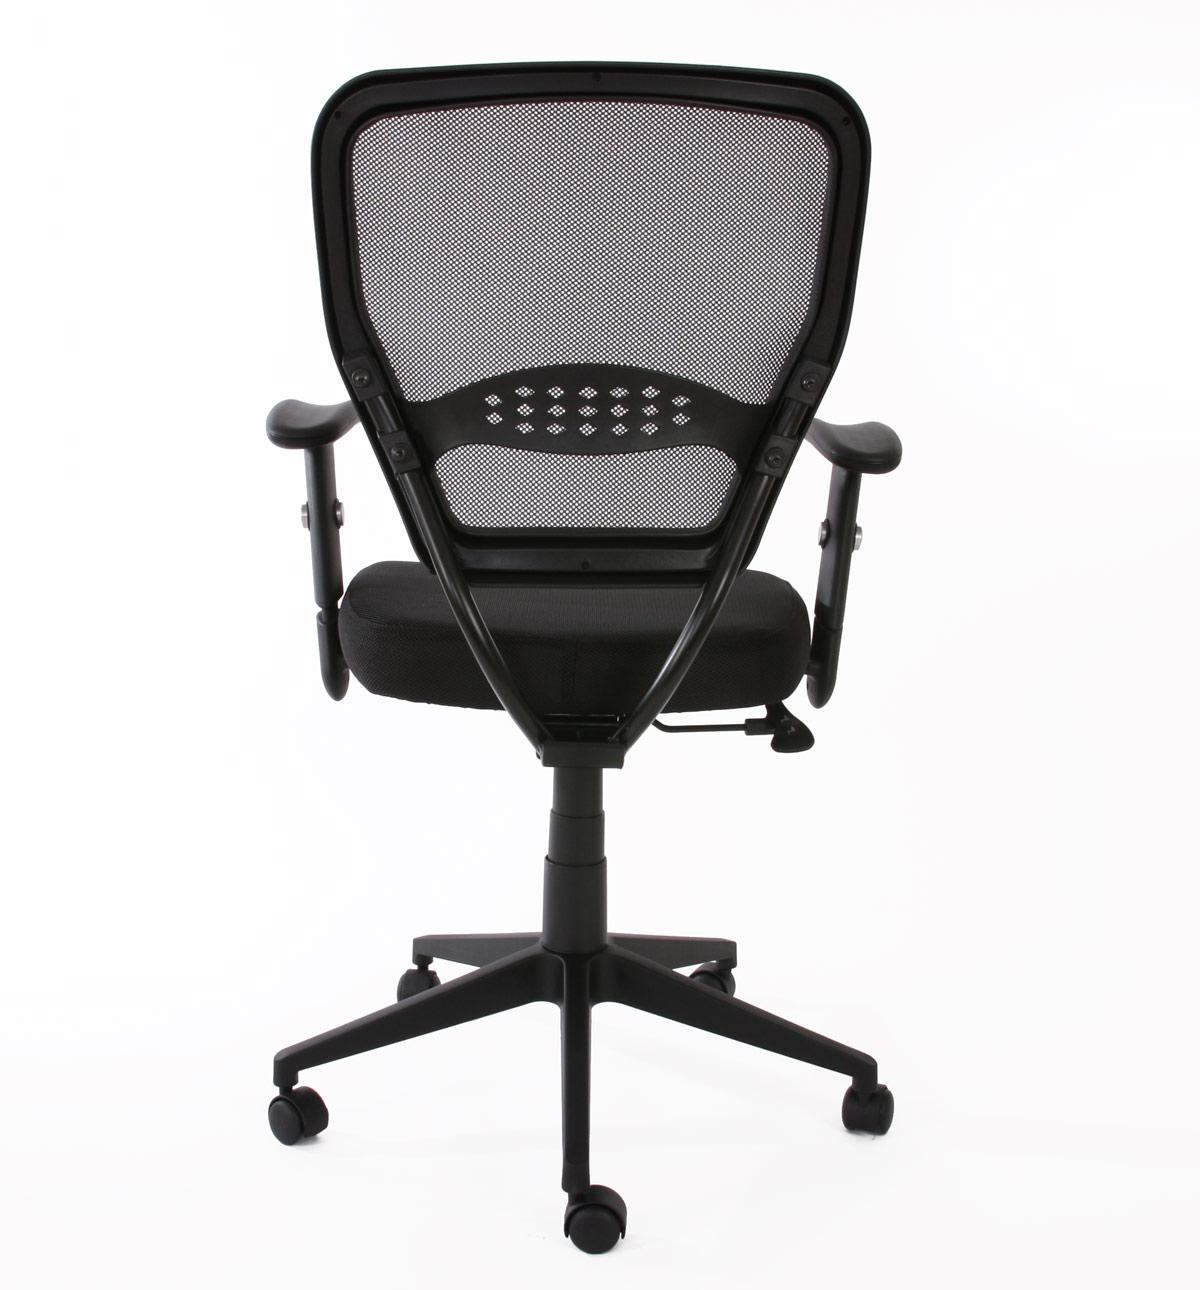 Silla de oficina xxl tenoya acolchado en malla negra for Asiento silla oficina